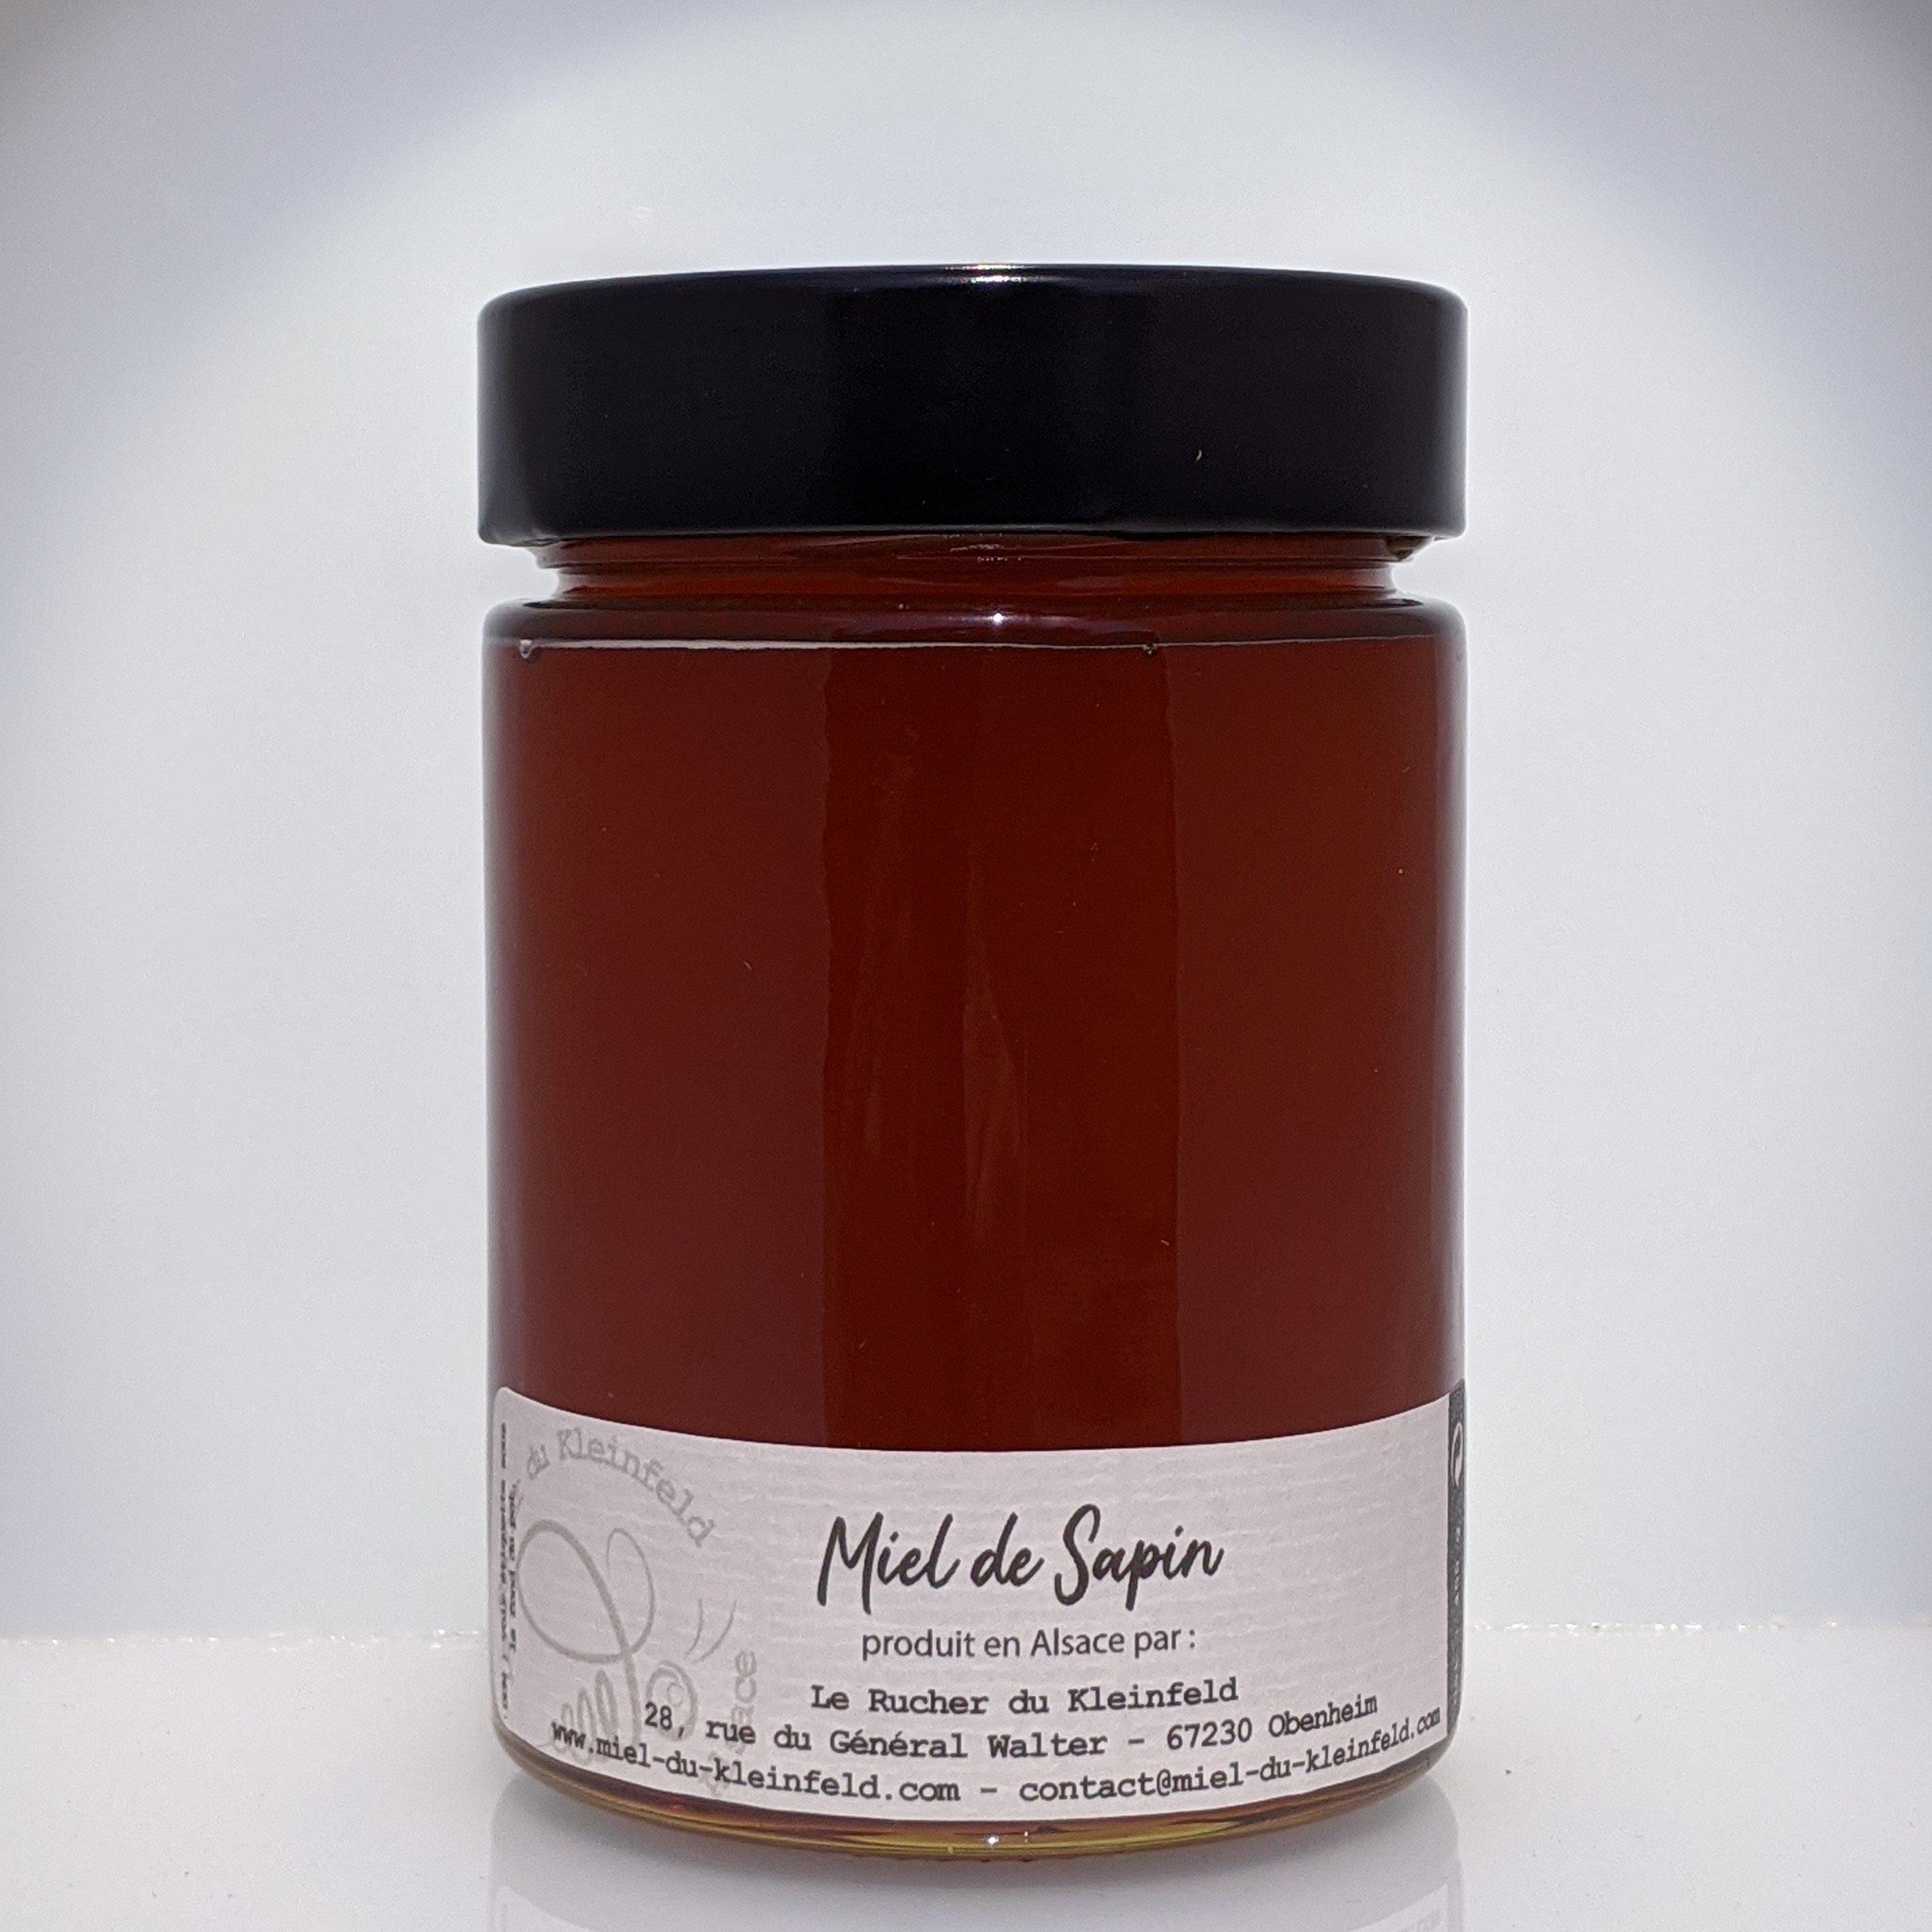 Miel de Sapin 450 g